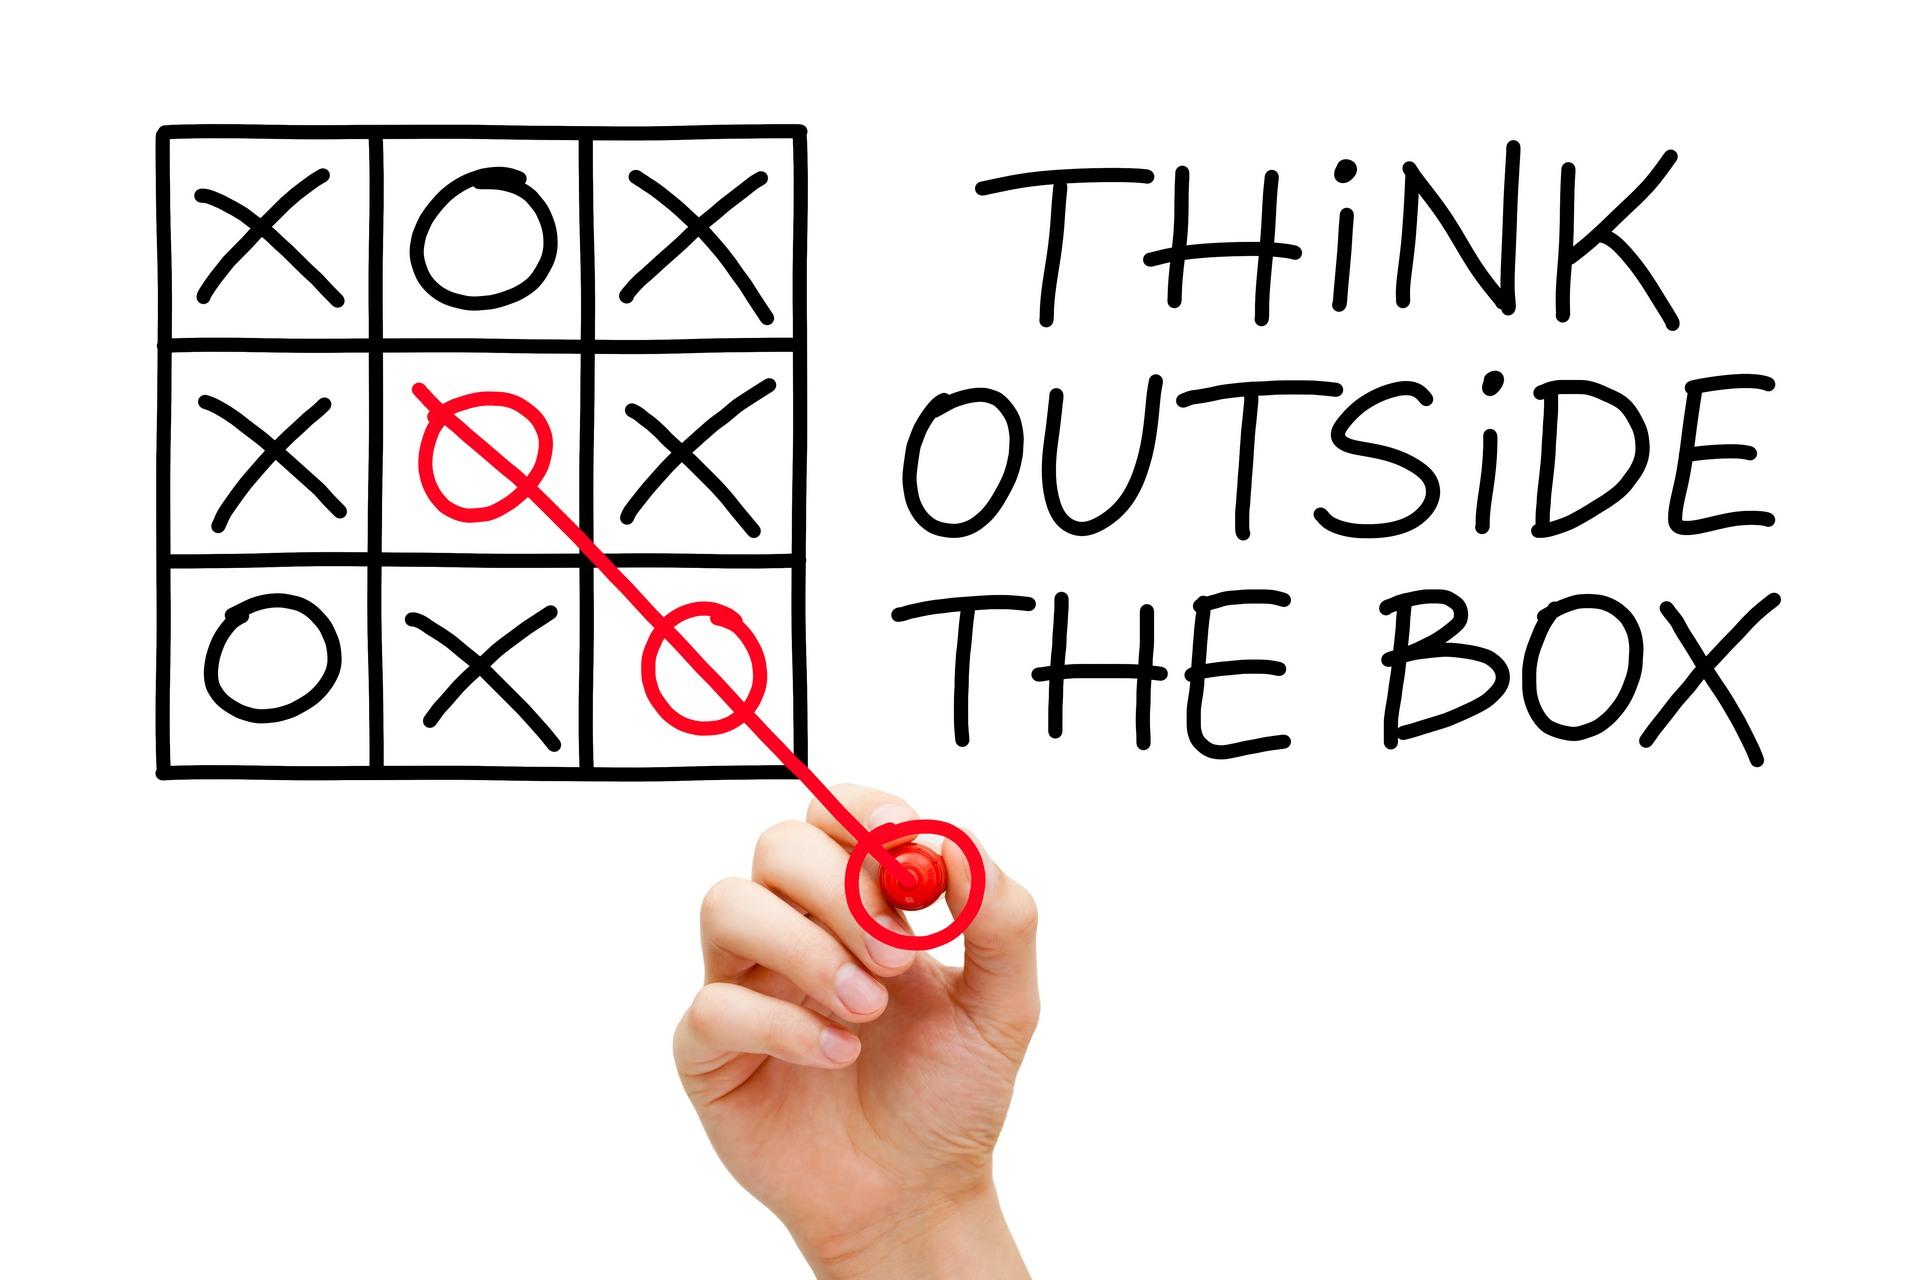 השלב הראשון המומלץ לבחירת יועץ עסקי